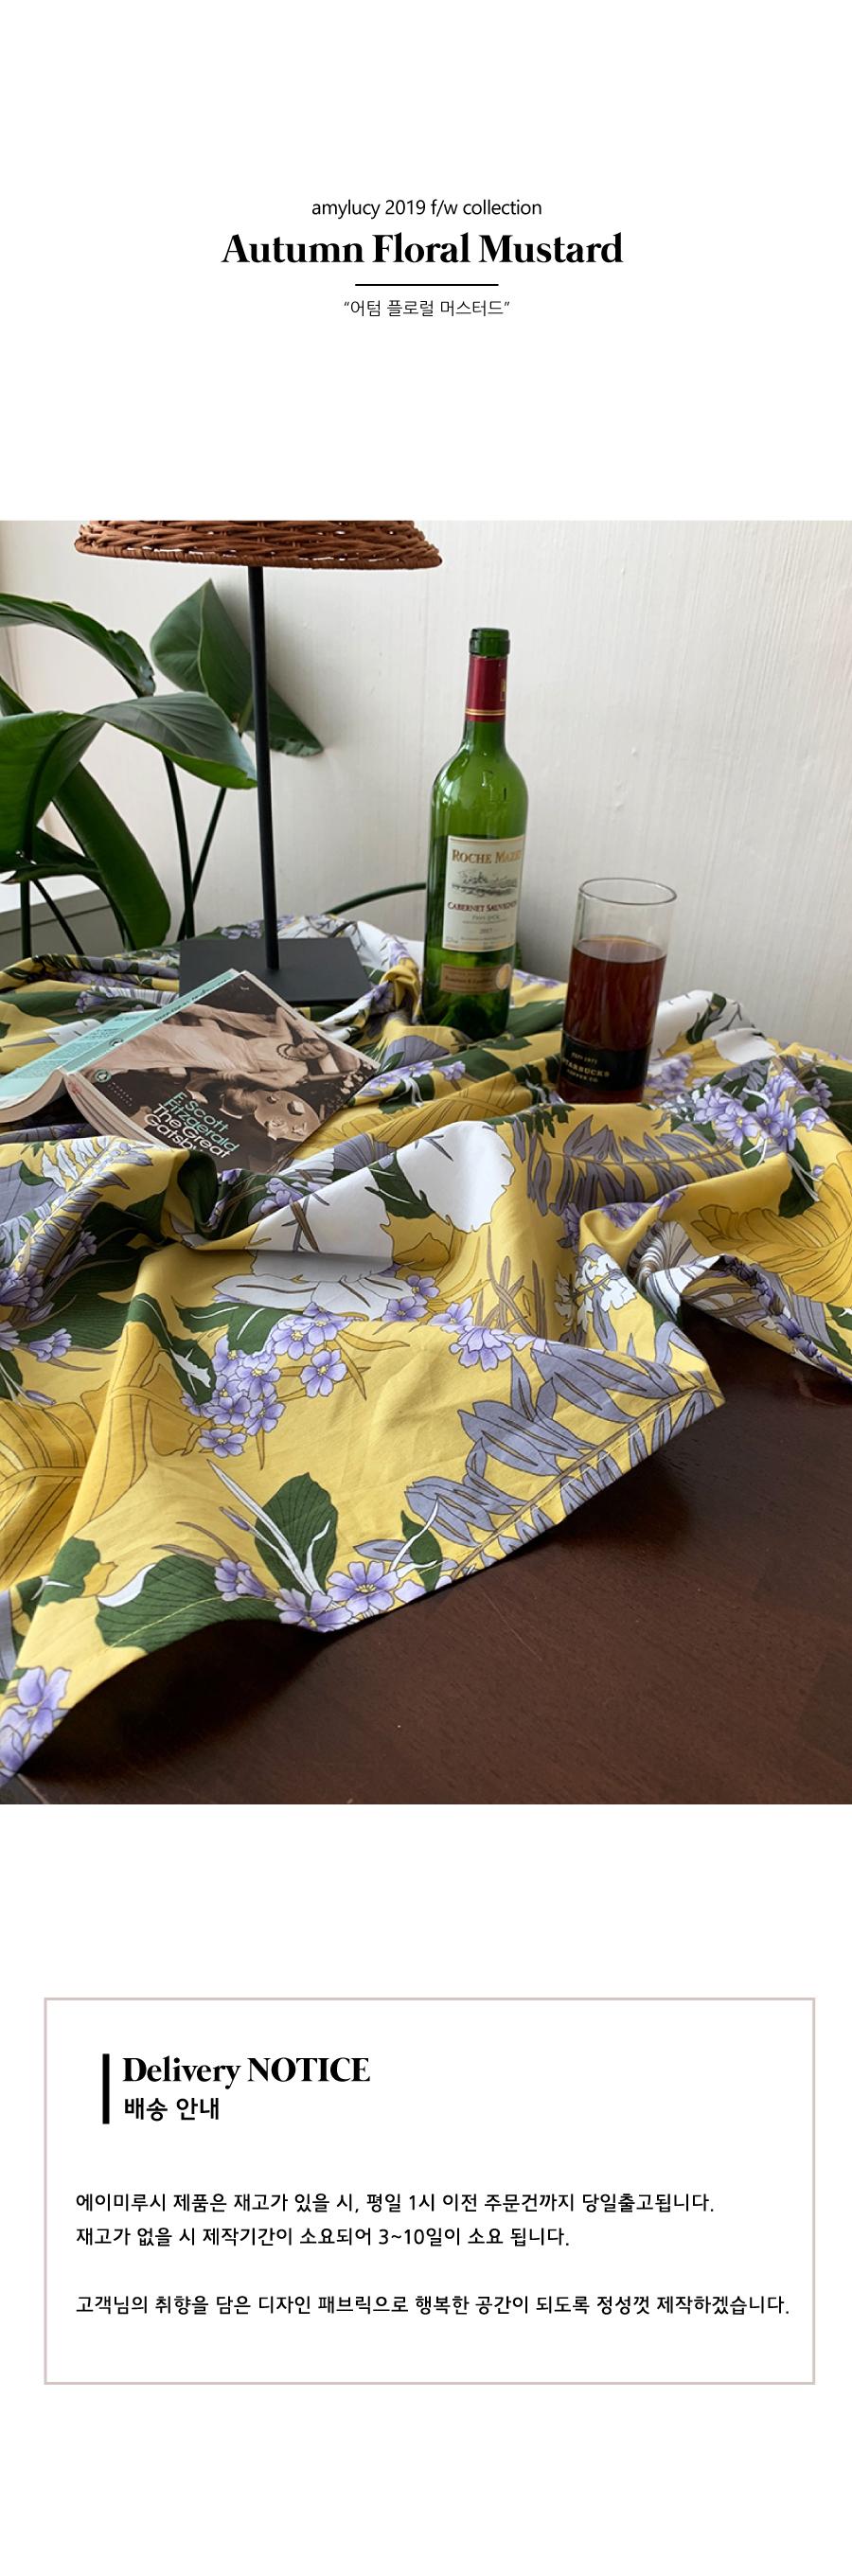 어텀플로럴 머스터드 식탁보 테이블보 2size 테이블러너 - 에이미루시, 28,900원, 식탁, 식탁보